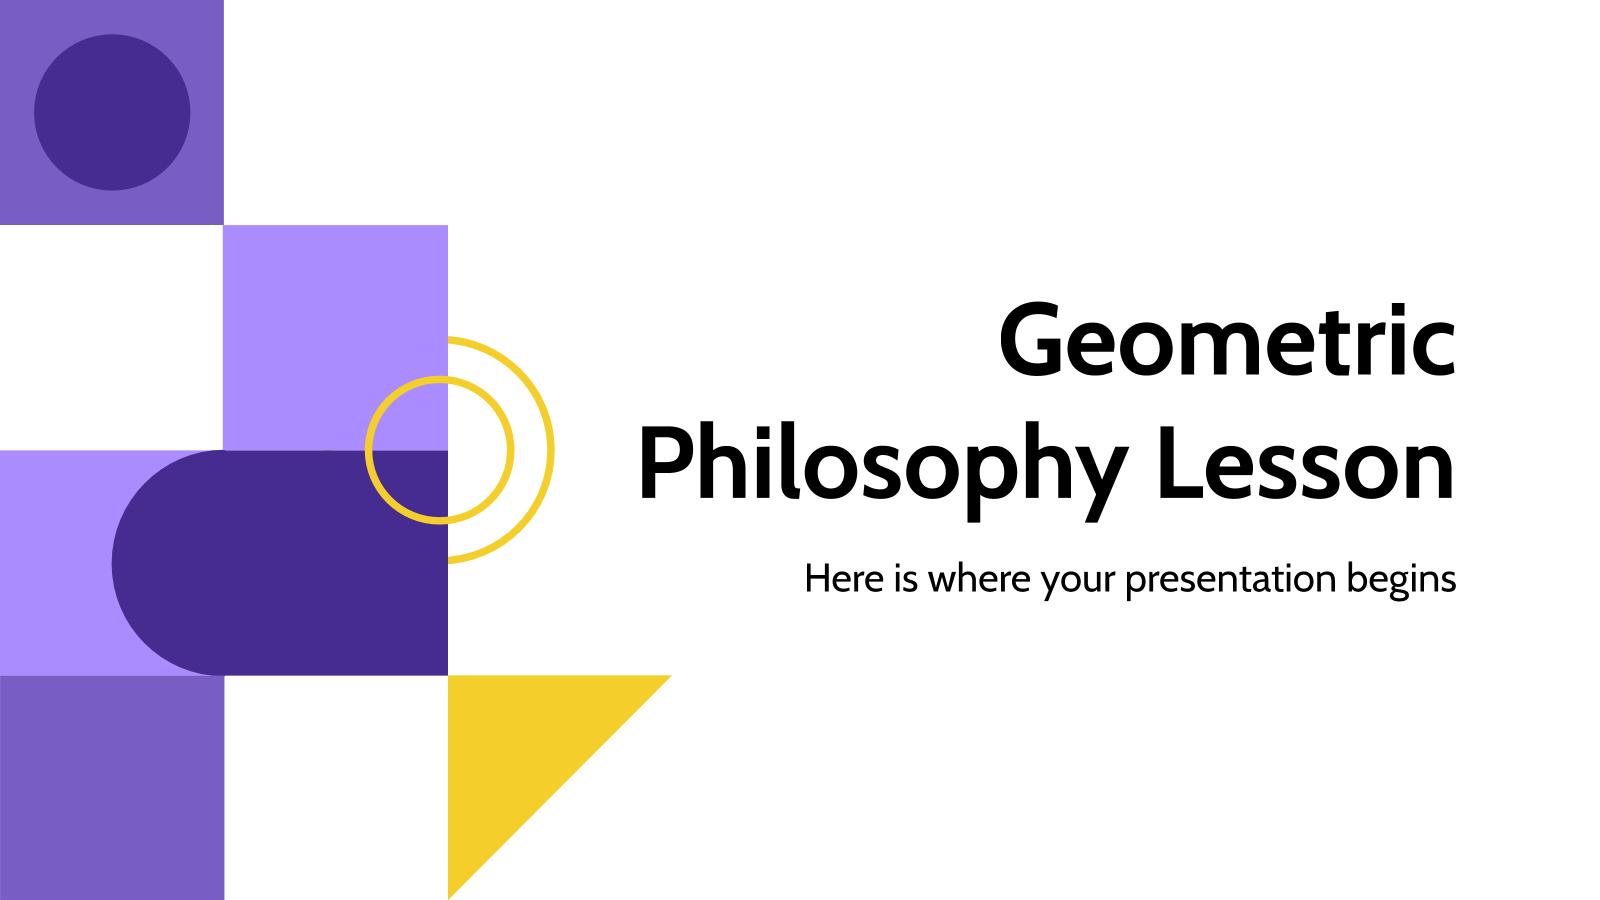 Cours de philosophie géométrique : Modèles de présentation